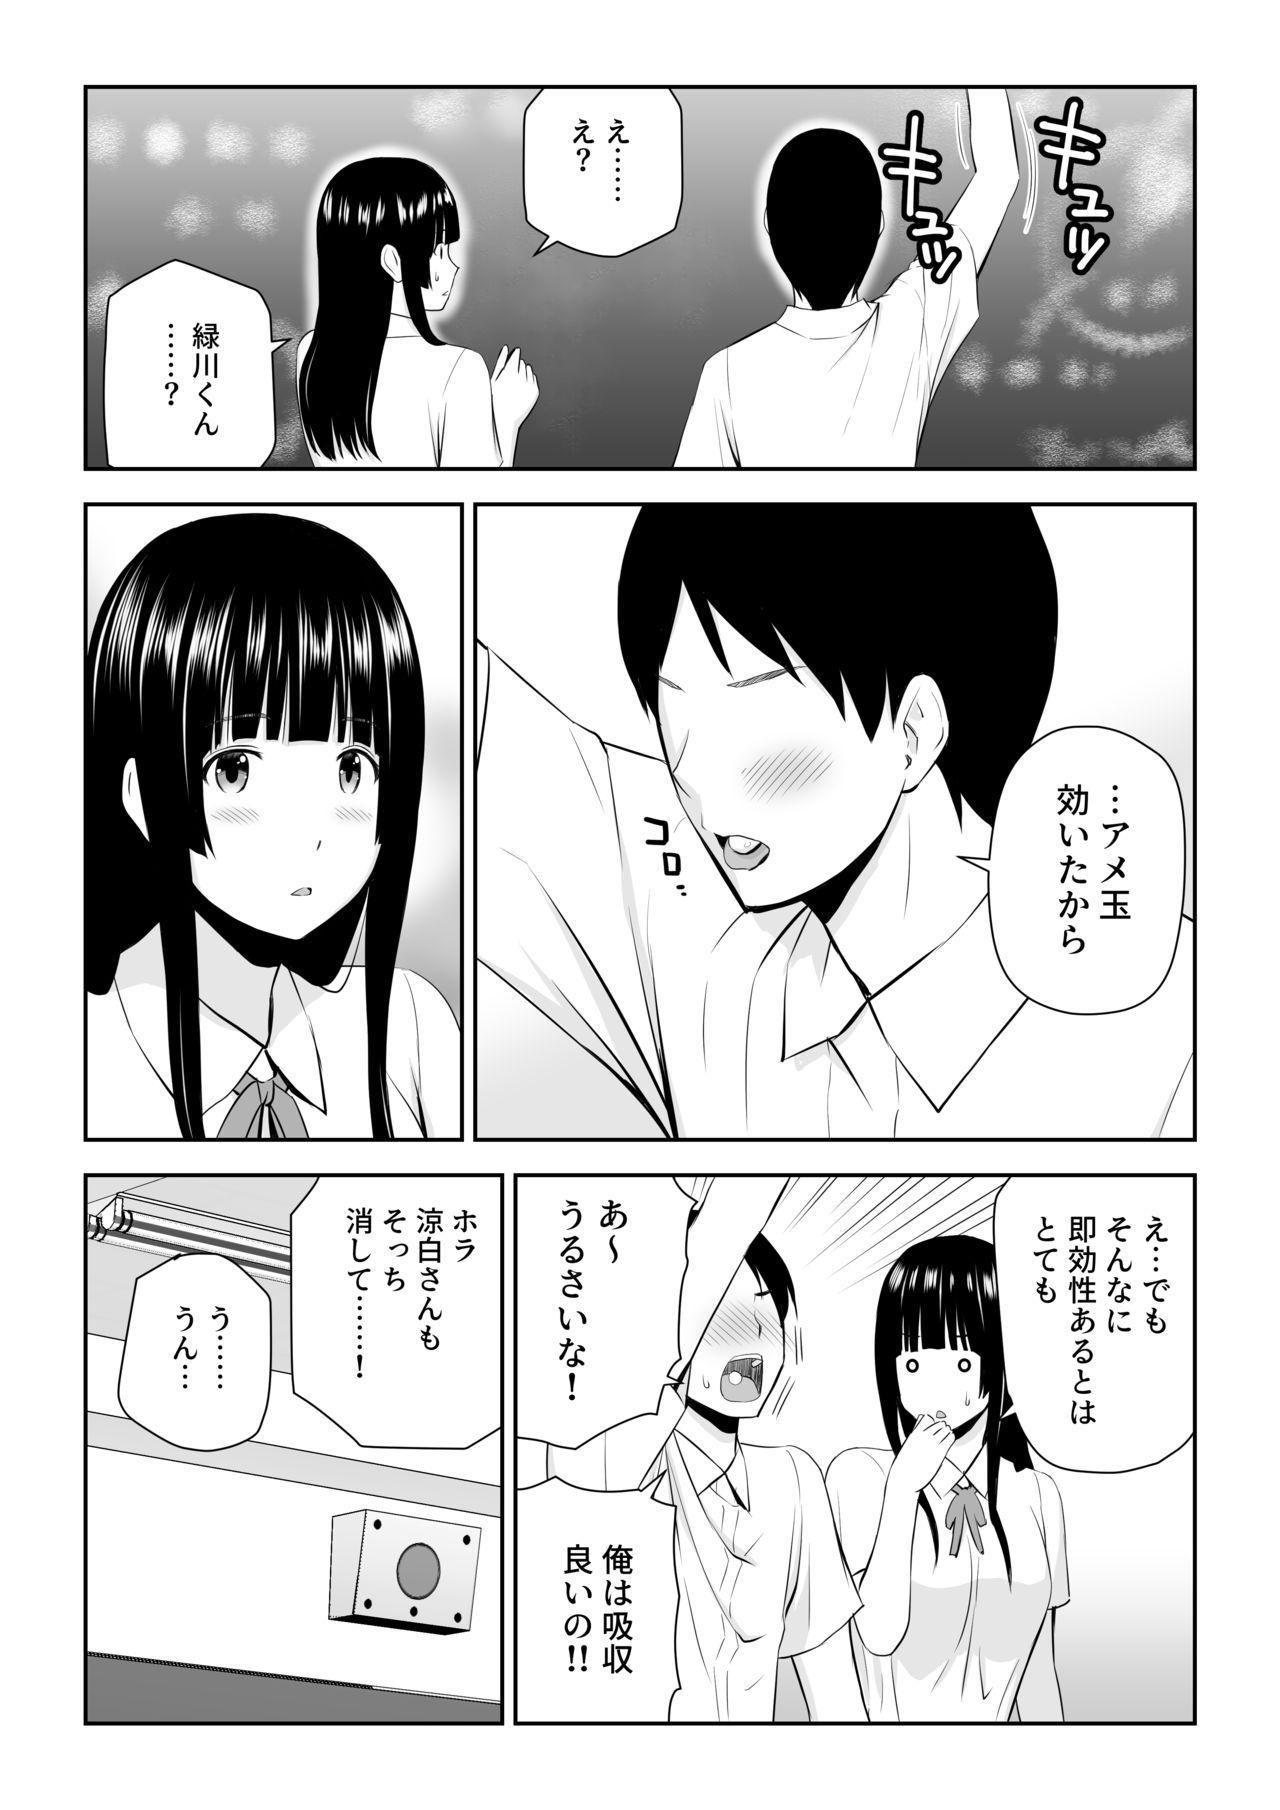 Suzushiro-san wa Onegai ni Yowai 10